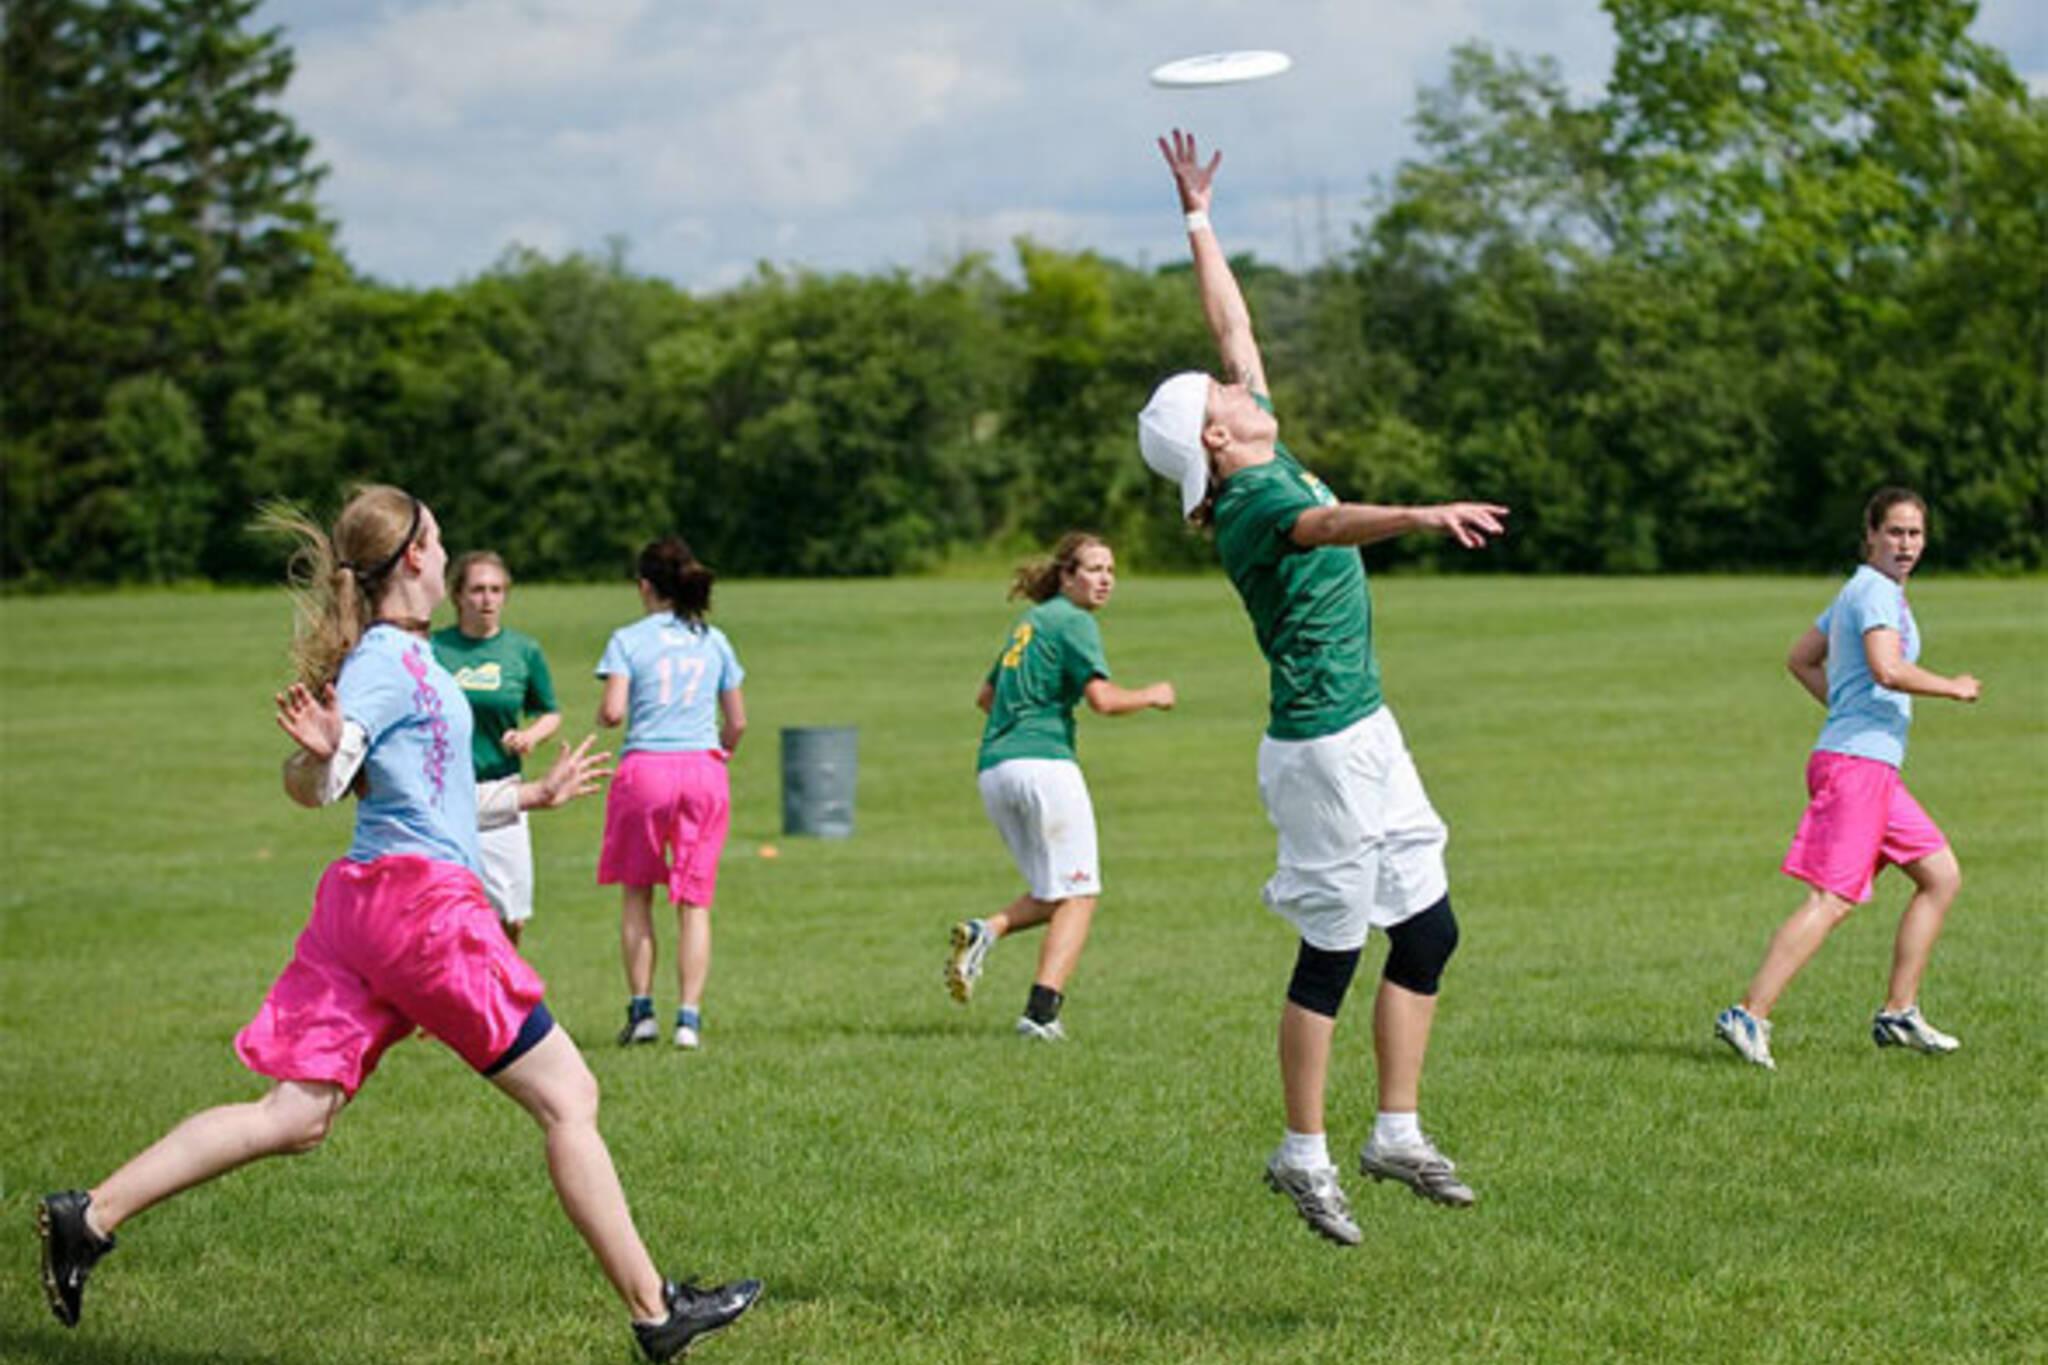 ultimate frisbee toronto